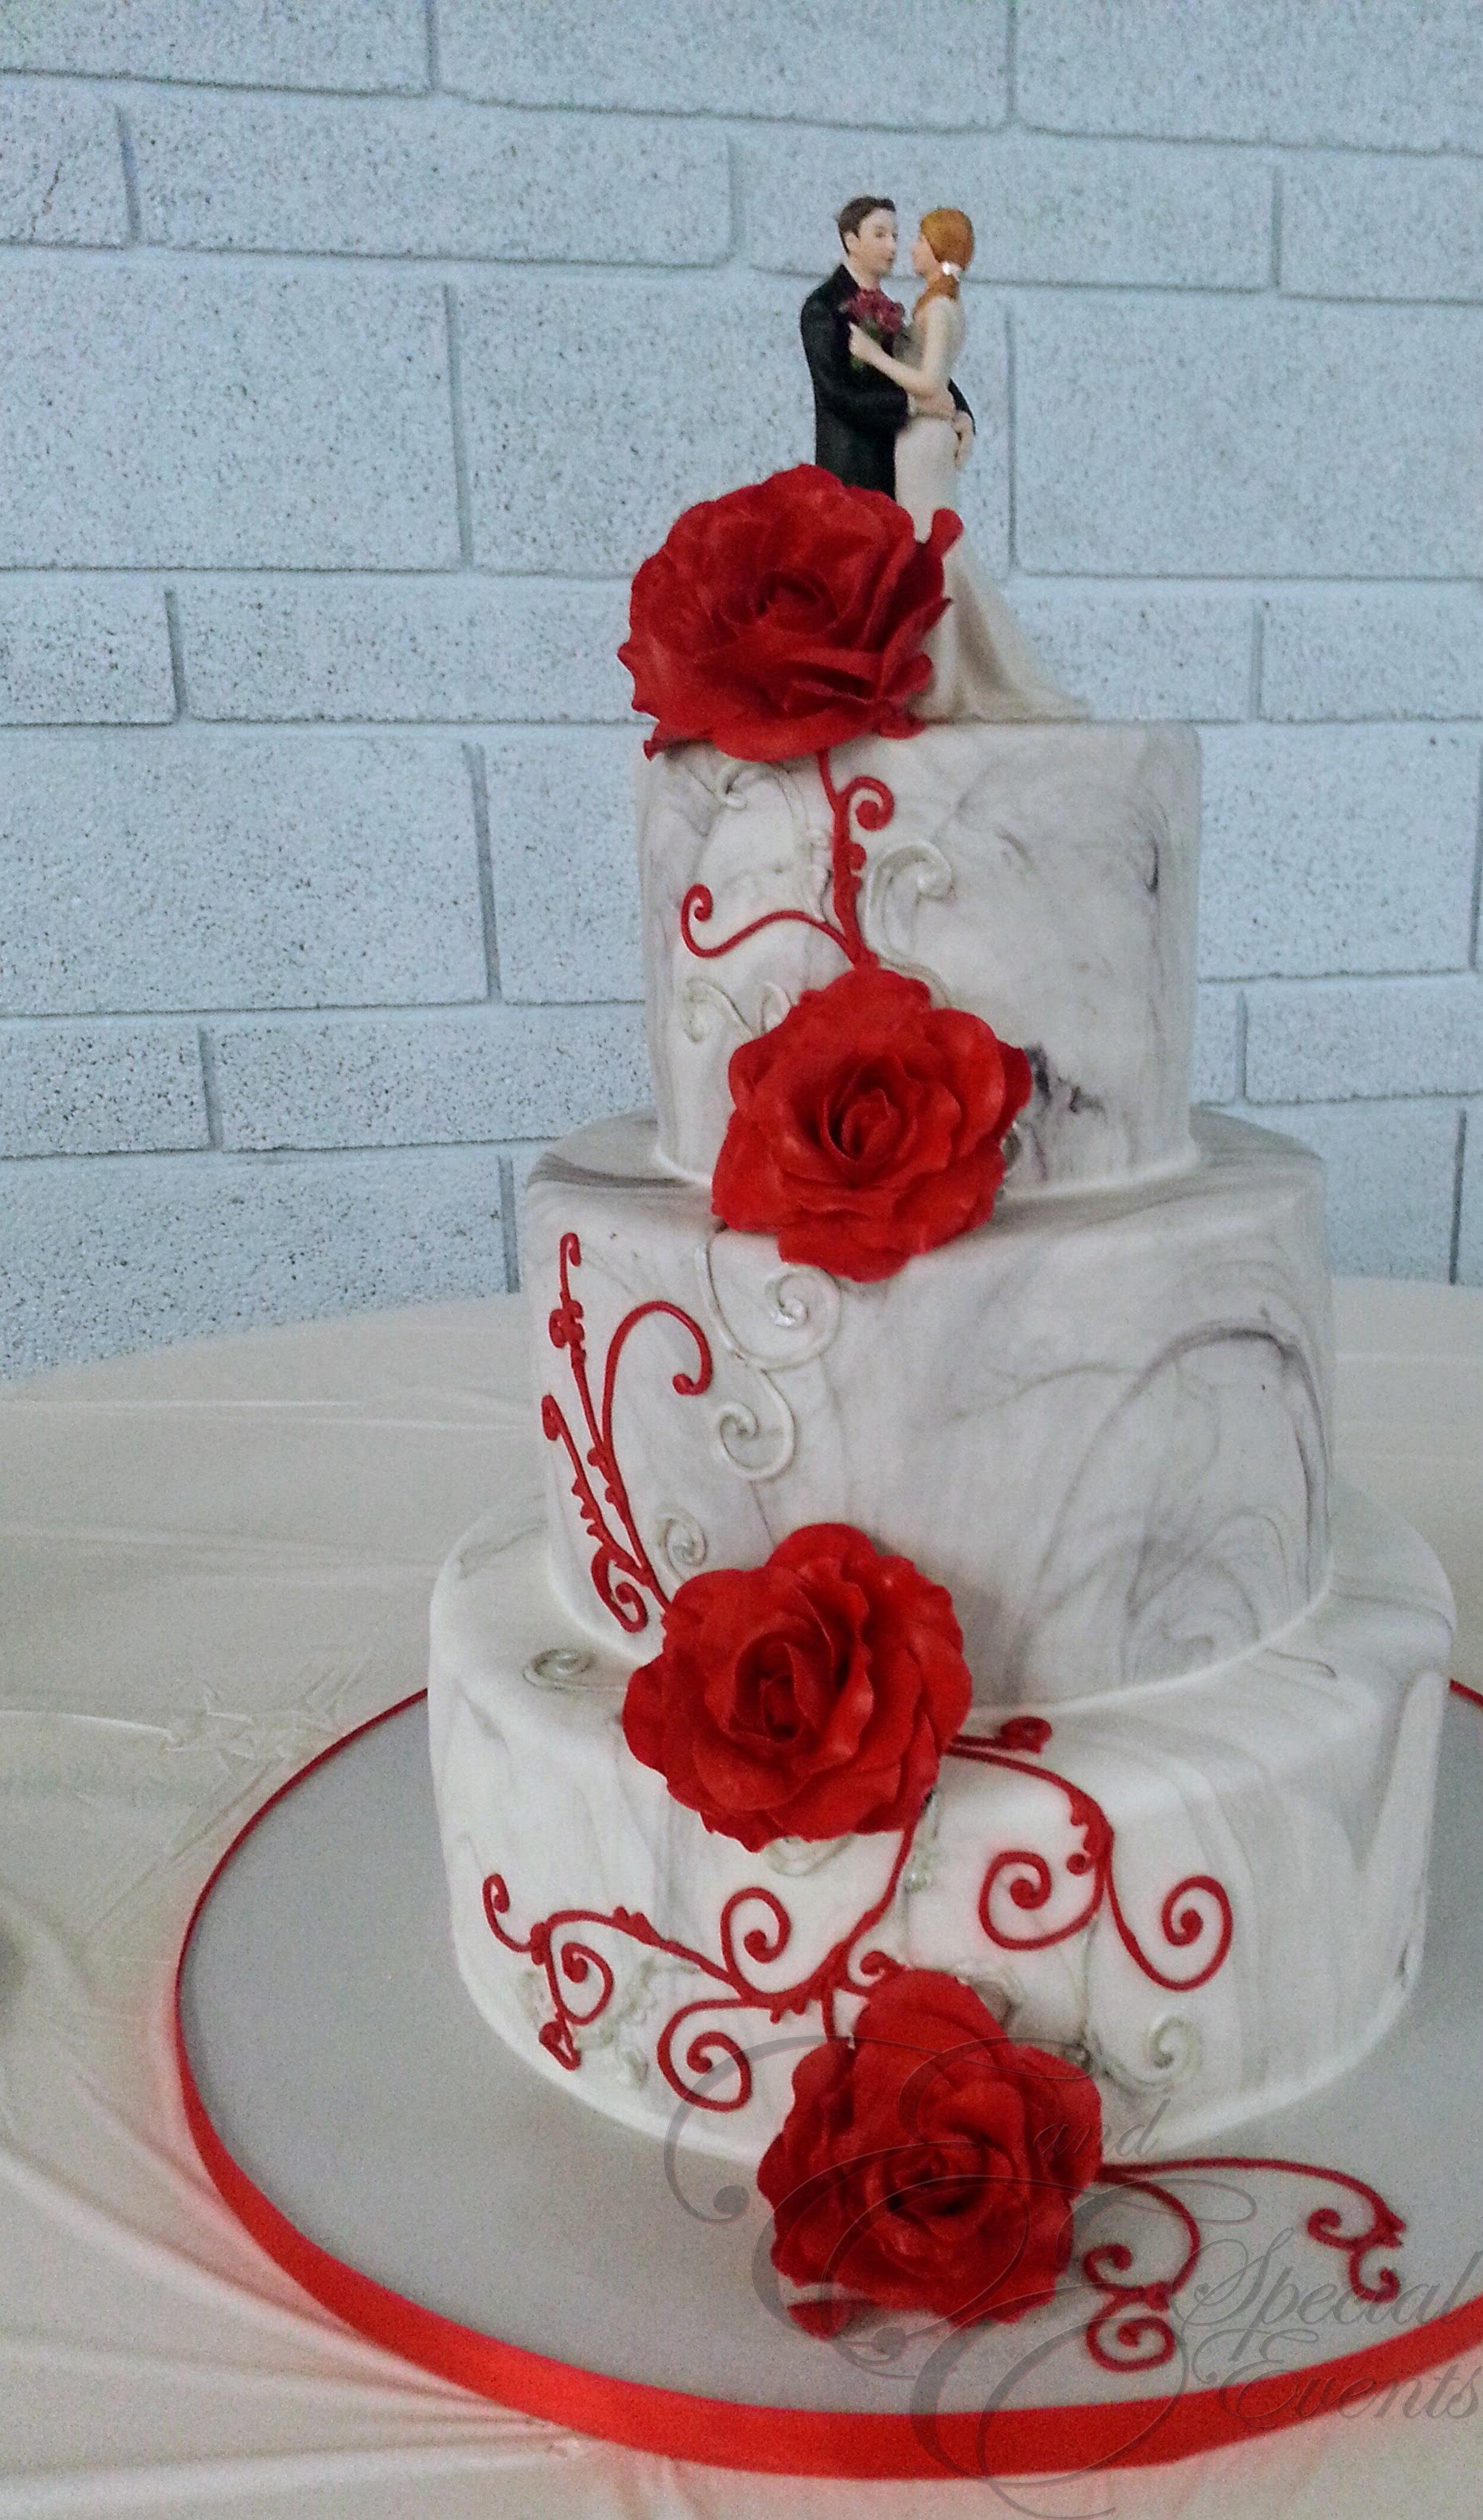 wedding_cakes_E_and_E_Special_Events_virginia_beach_4.jpg